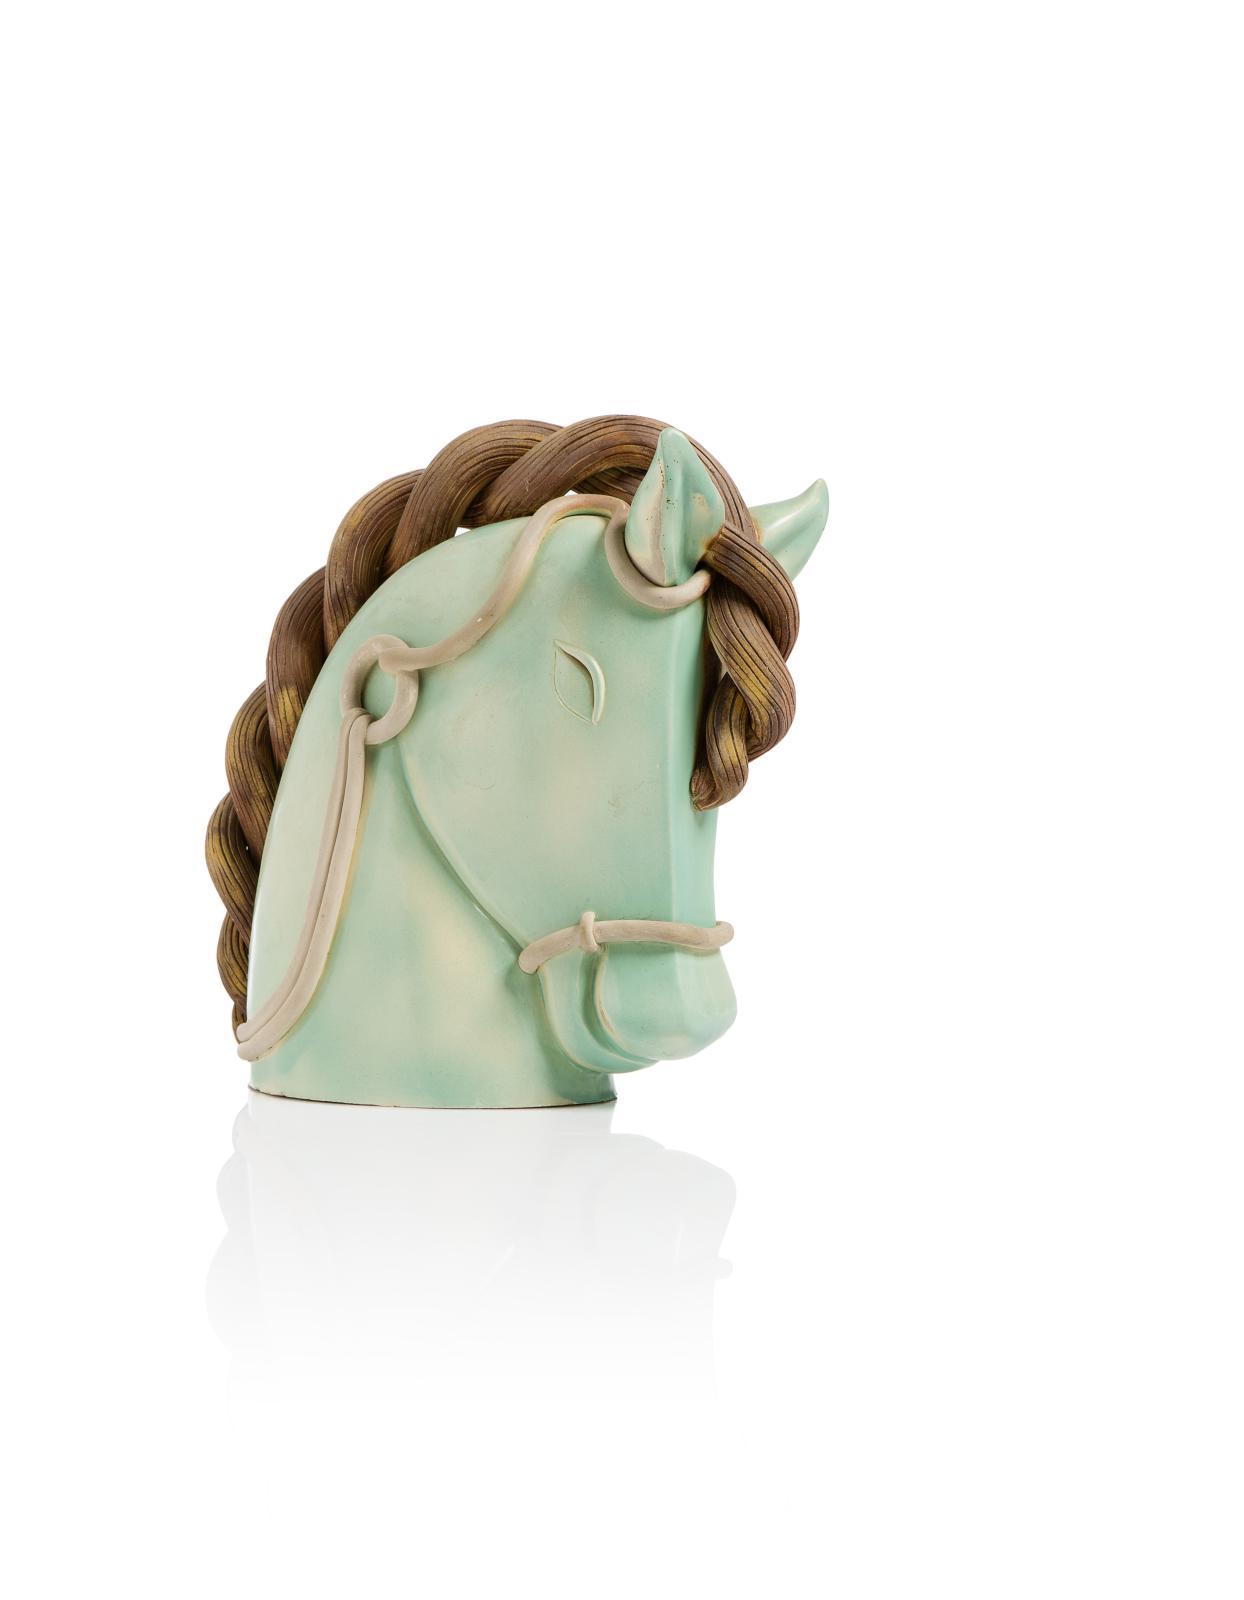 1820€ Colette Guéden et atelier Primavera, sculpture-volume figurant une tête de cheval en céramique vernissée de couleurs vert céladon et brun crèm